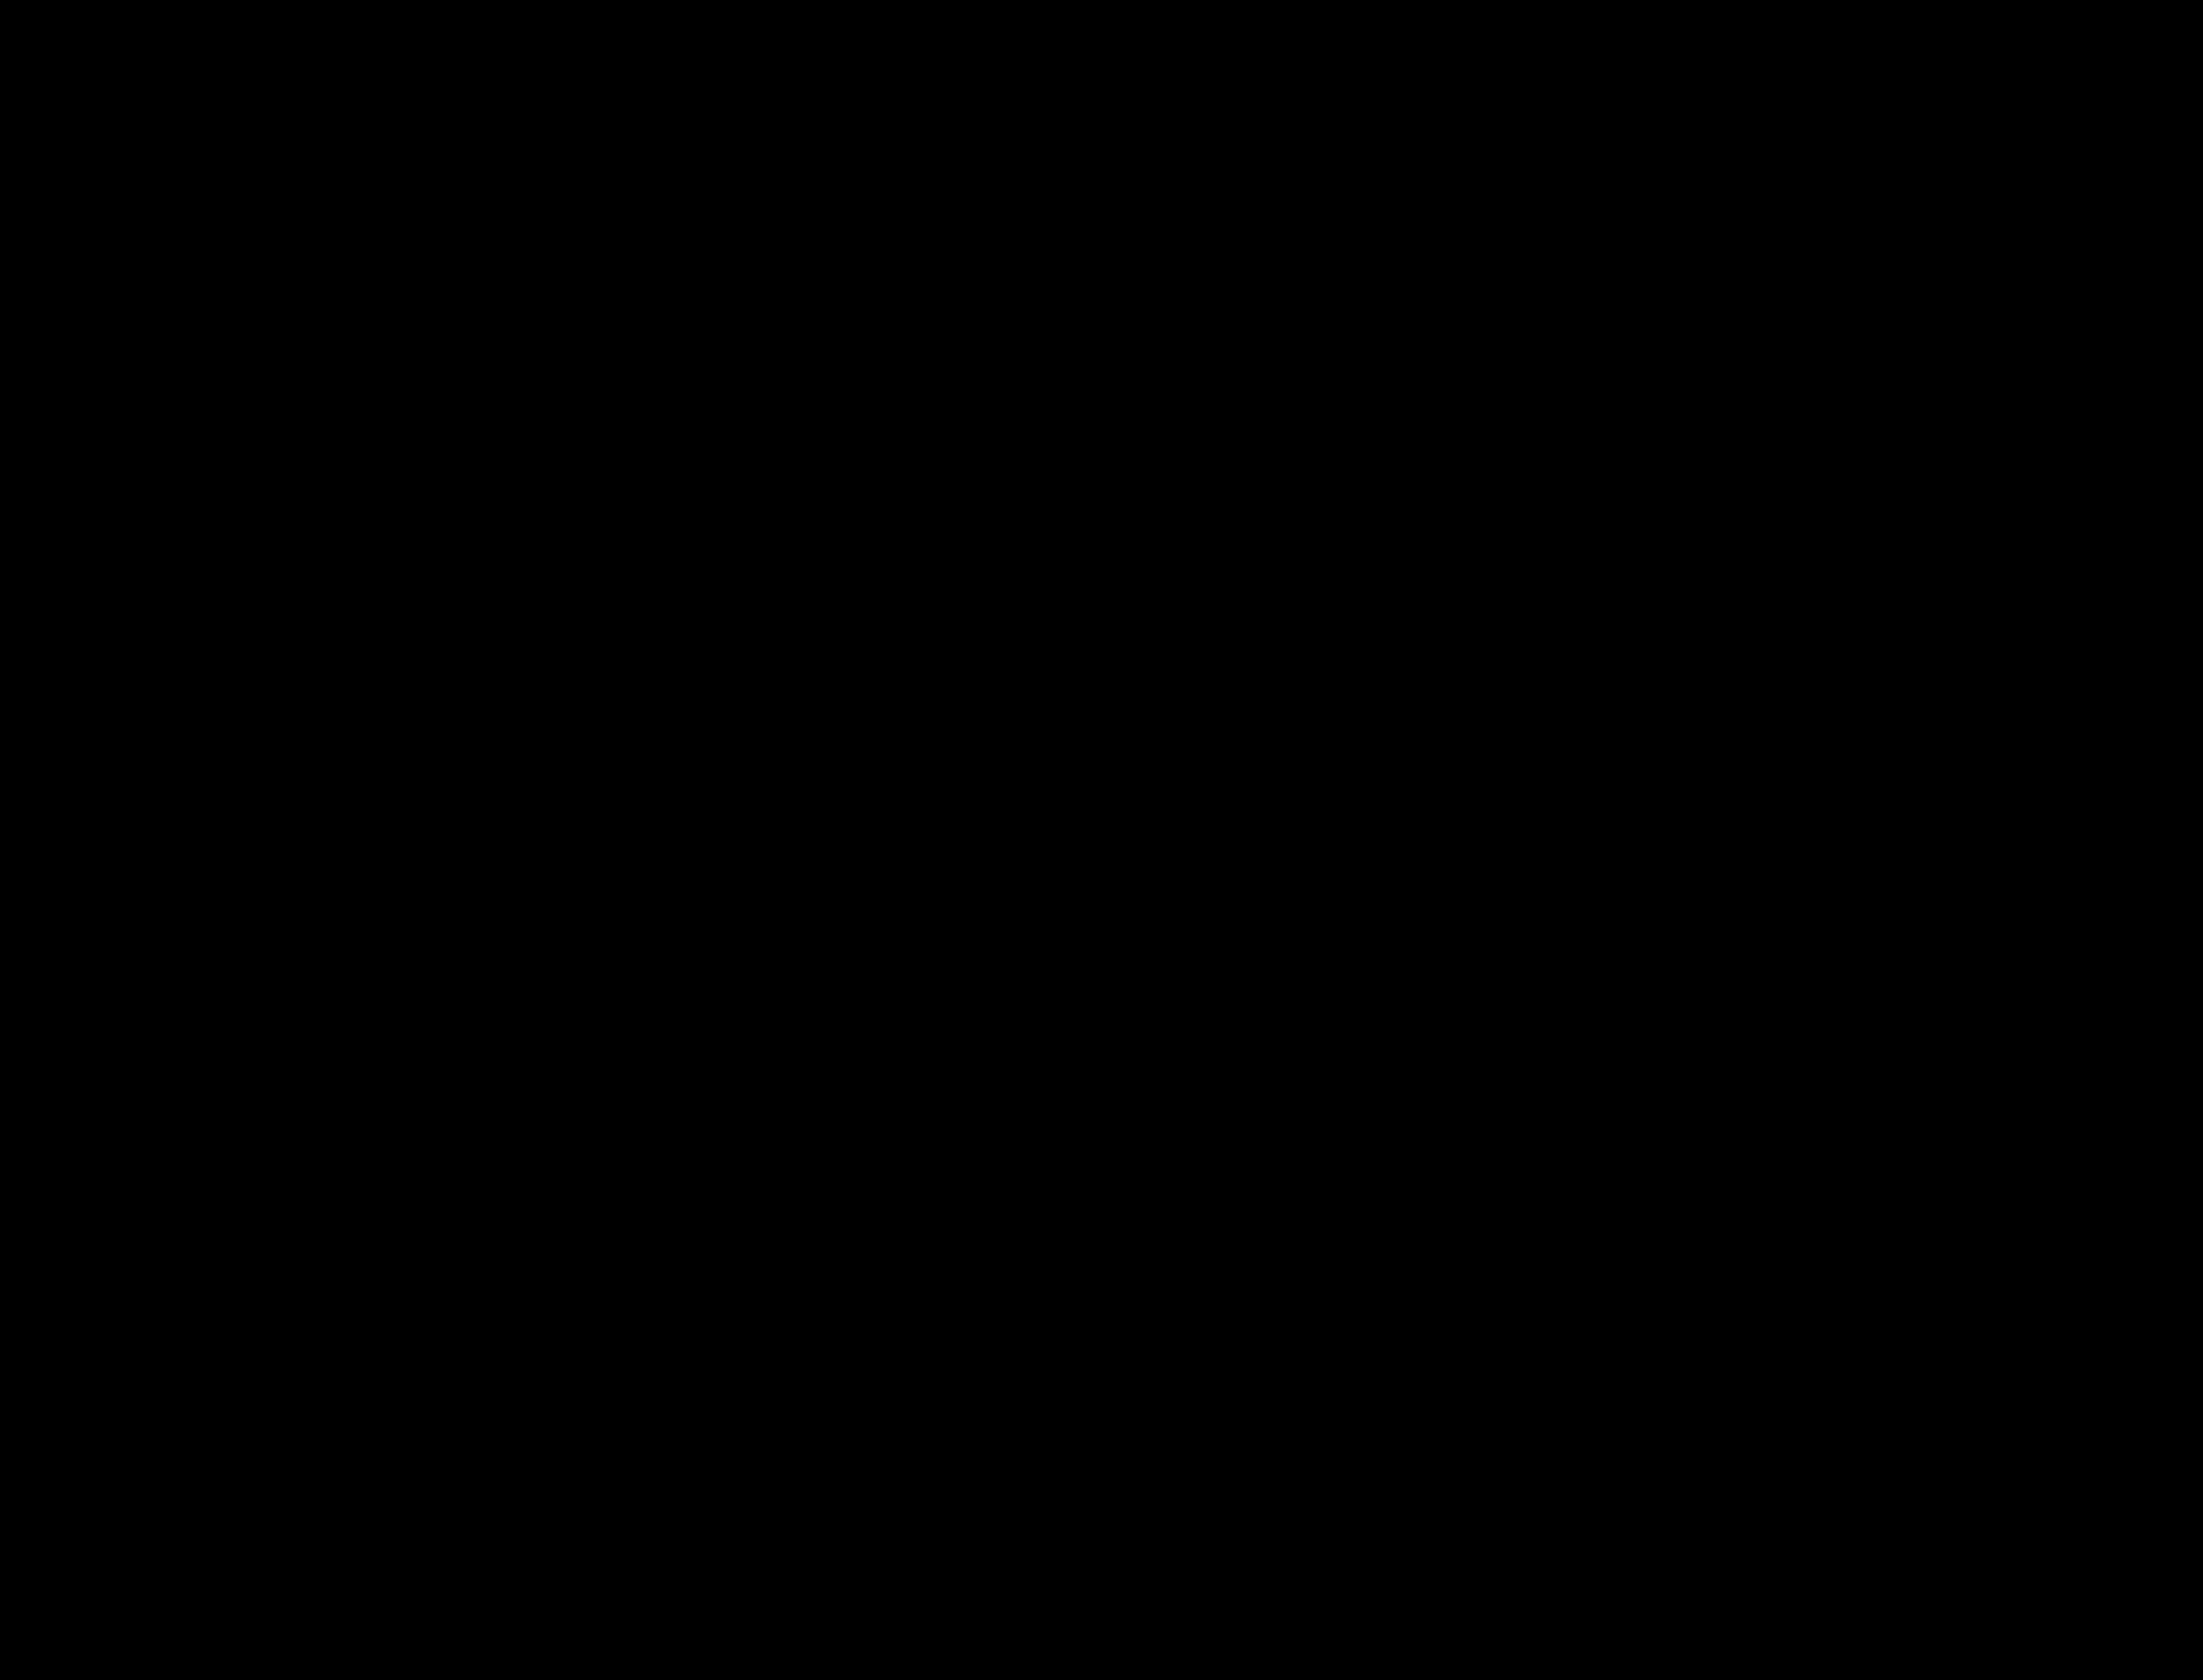 Nest CEO, Tony Fadell